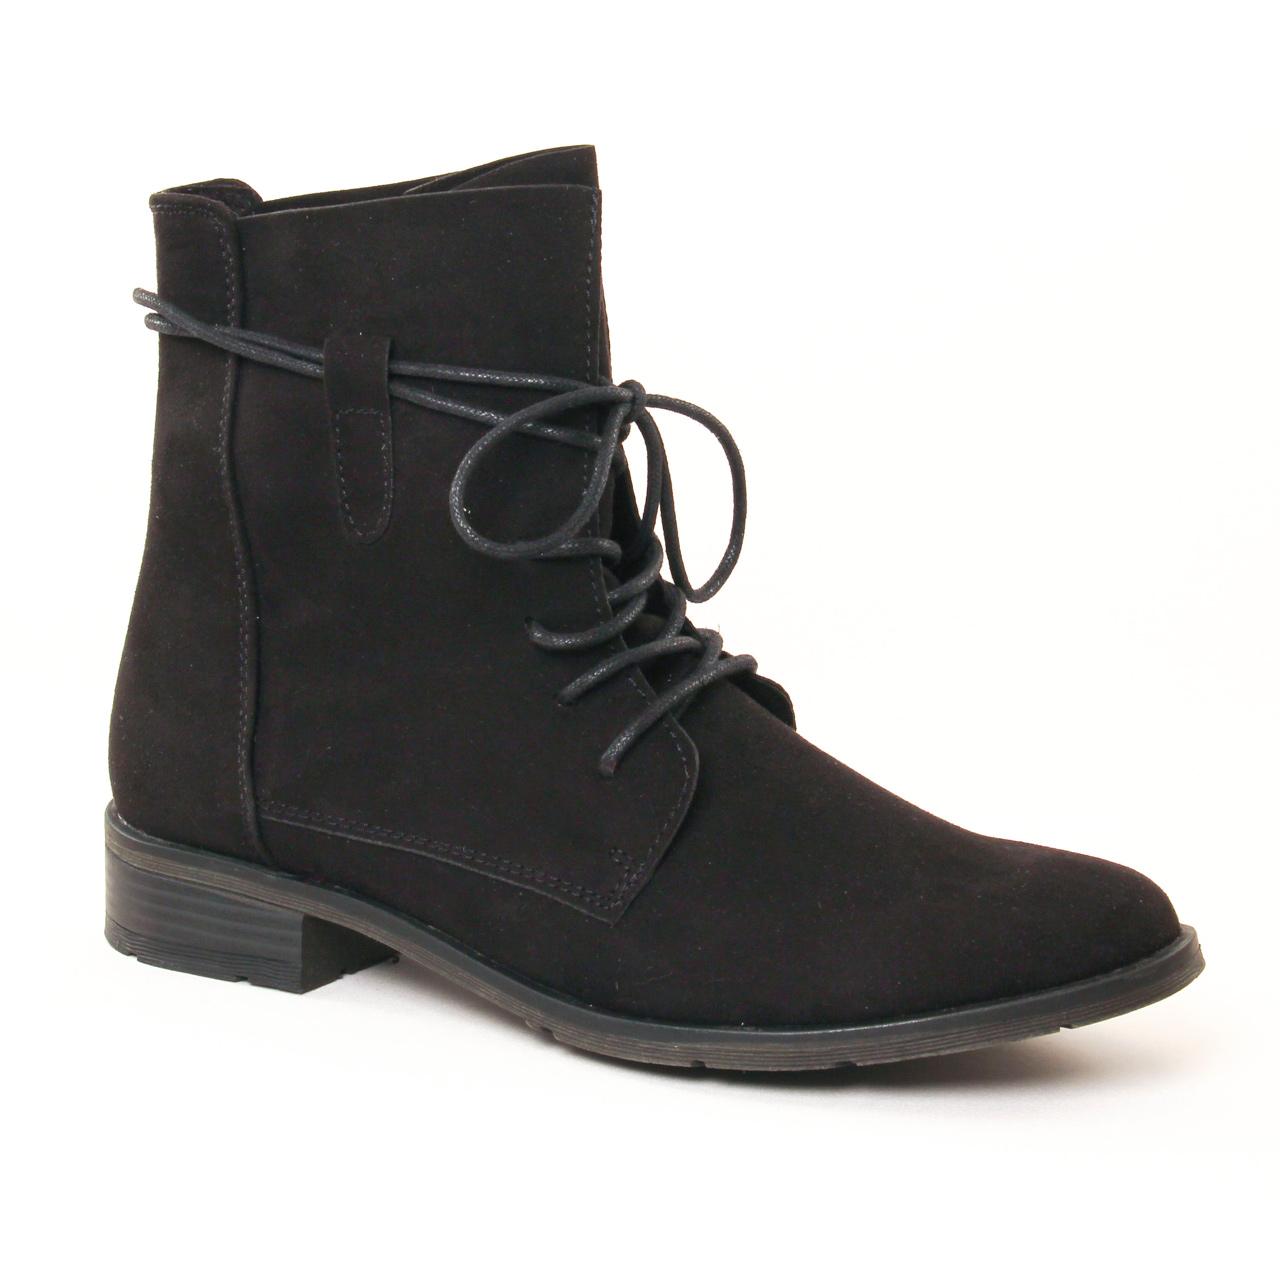 marco tozzi 25112 black | bottine à lacets noir automne hiver 2017